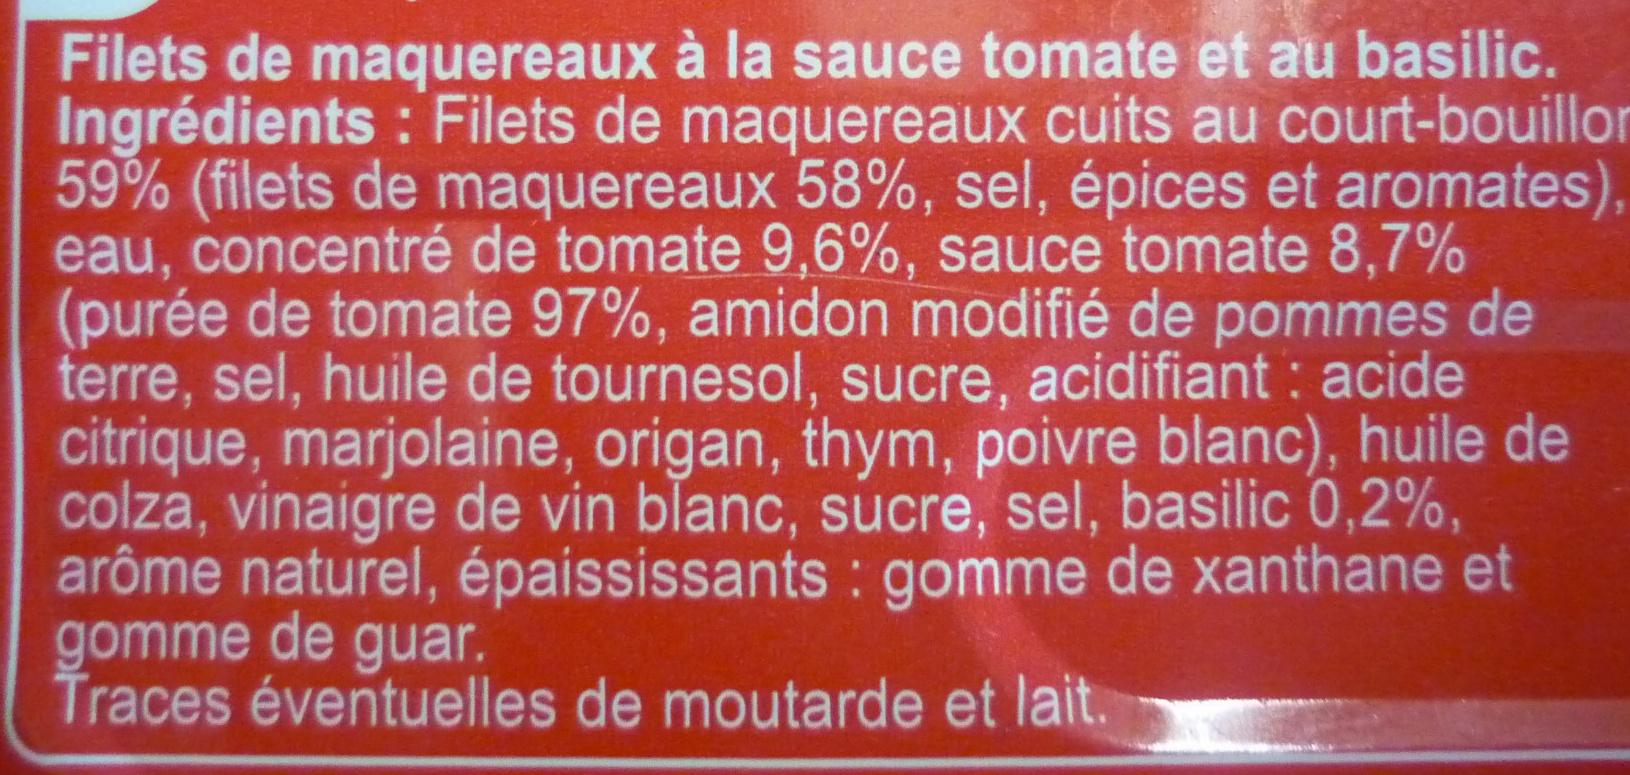 Filets de maquereaux sauce tomate et basilic - Ingrédients - fr